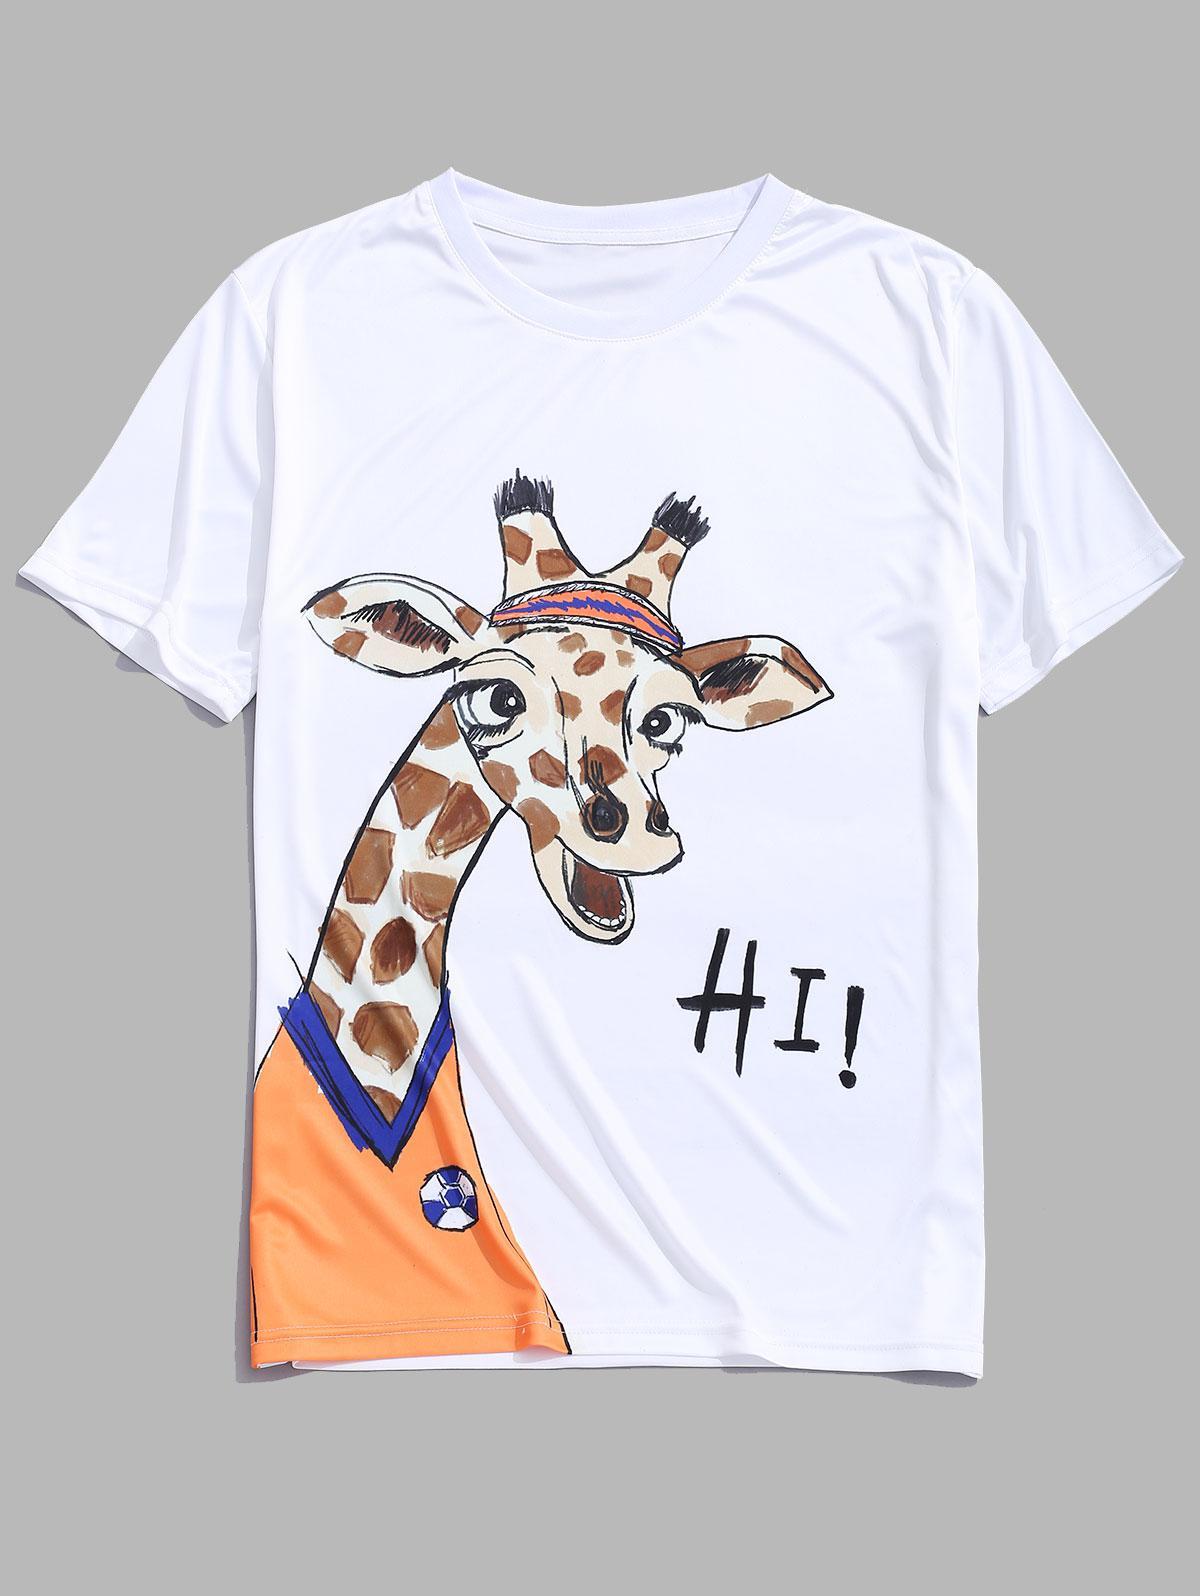 Cartoon Giraffe Player Print Graphic Short Sleeves T-shirt, White